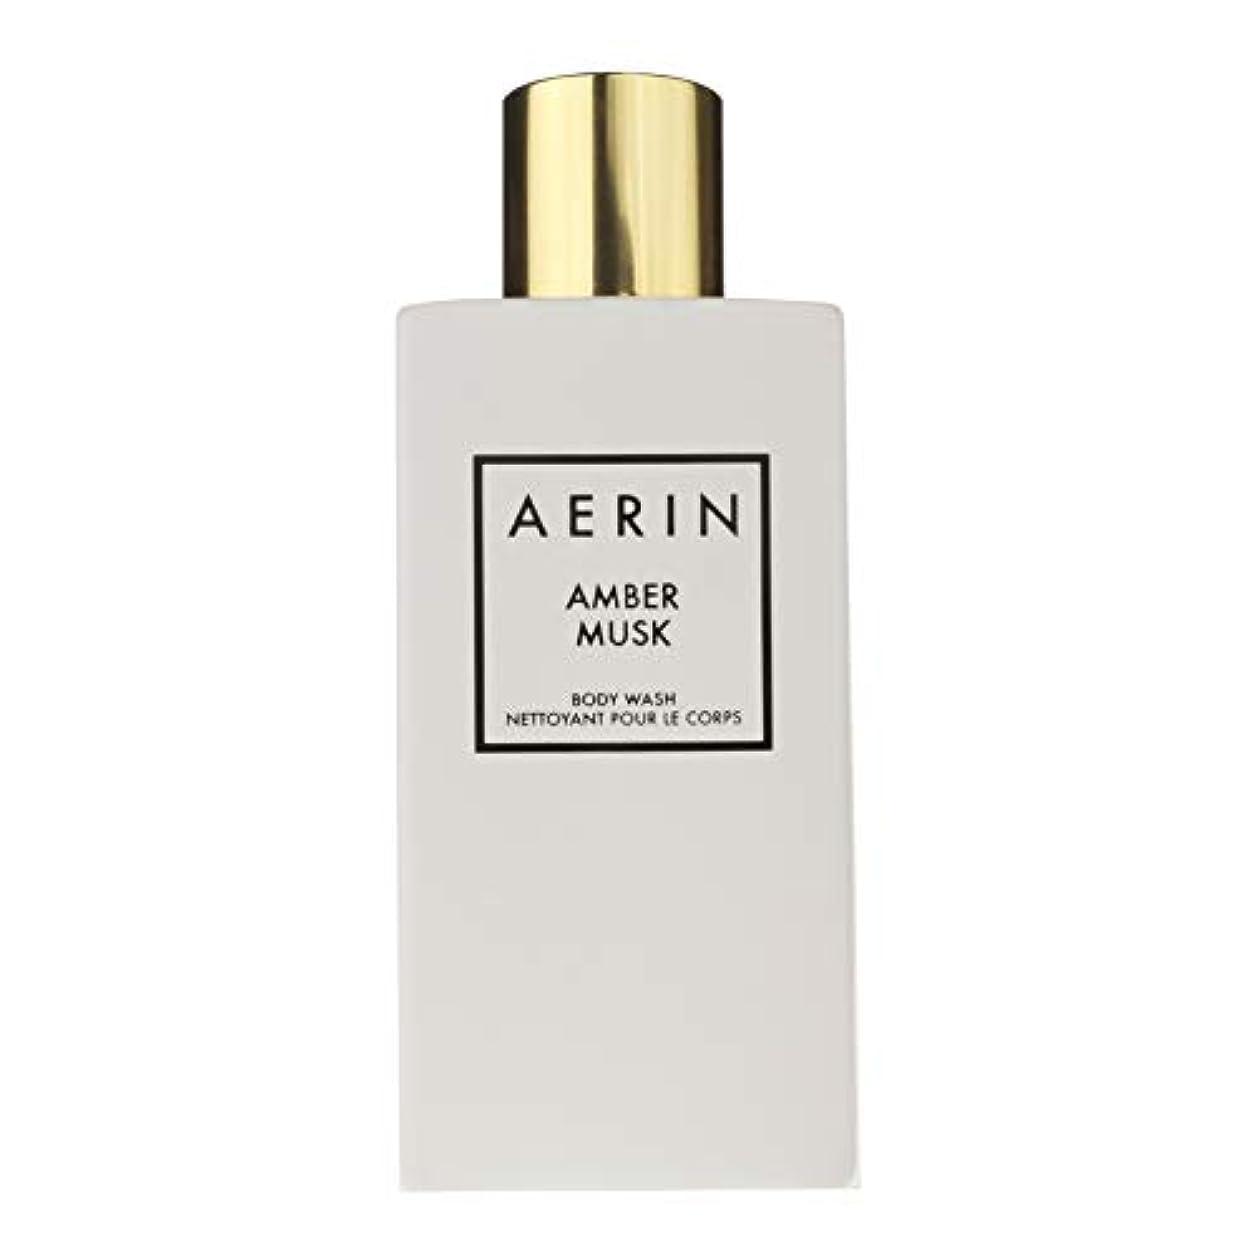 シーケンス意味するスツールAERIN 'Amber Musk' (アエリン アンバームスク) 7.6 oz (228ml) Body Wash ボディーウオッシュ by Estee Lauder